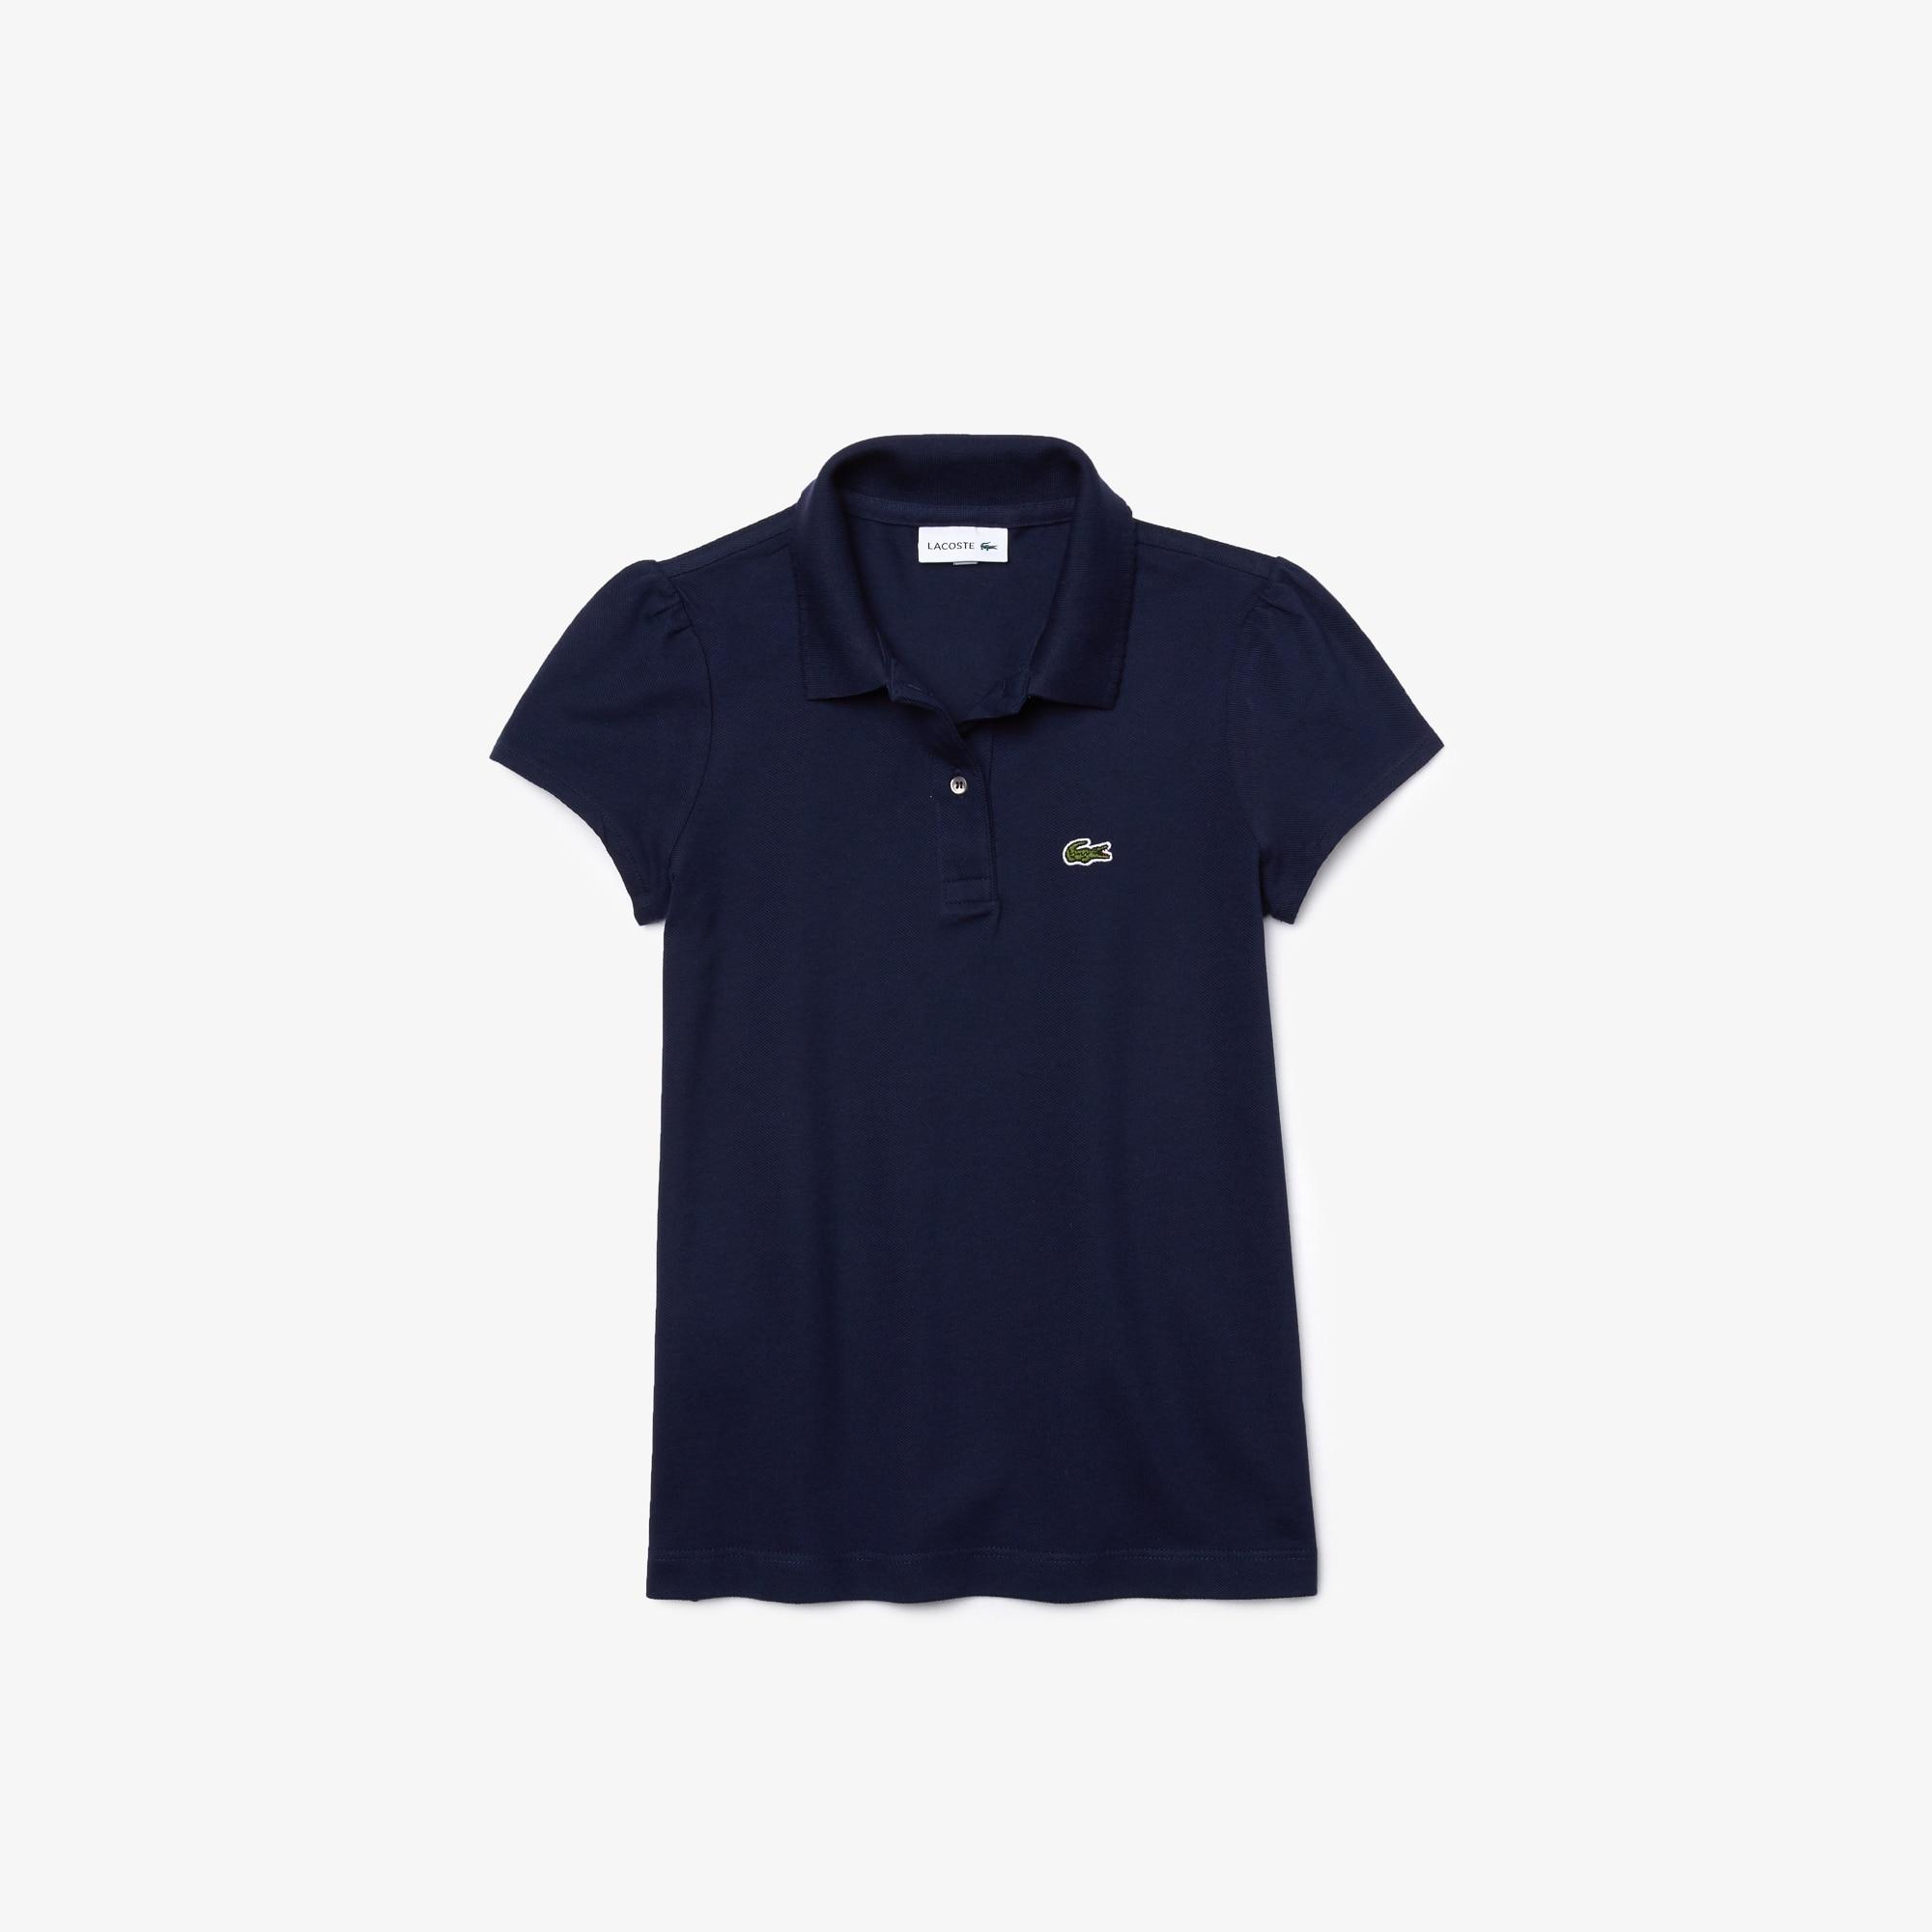 LACOSTE Mädchen-Poloshirt aus Mini-Piqué mit verspieltem Kragen